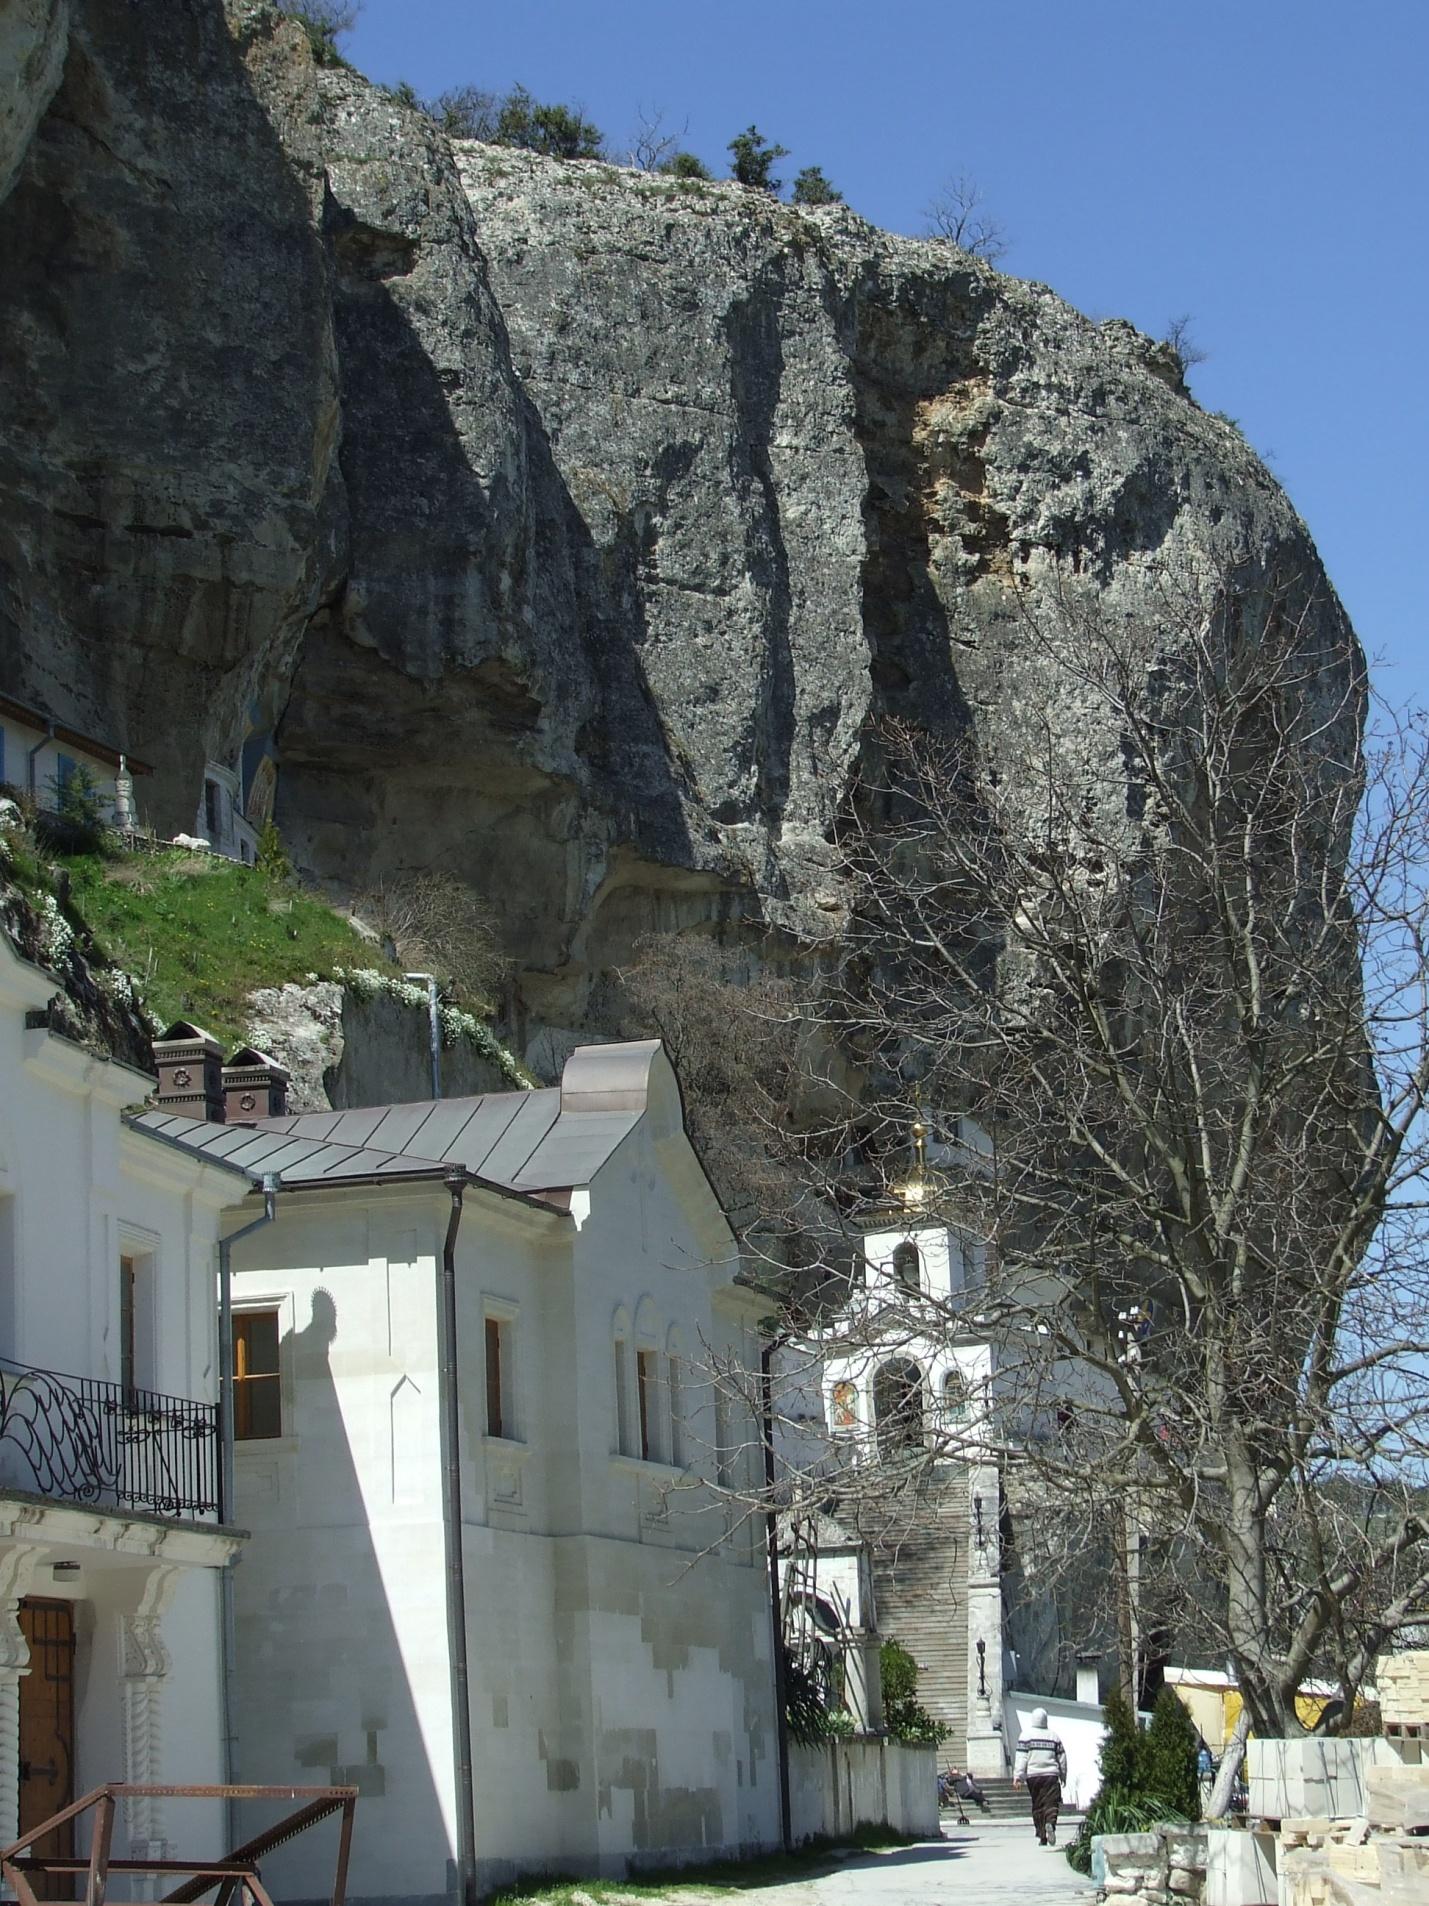 C:\Documents and Settings\Admin\Рабочий стол\Лина\От Леши\Bahchisaraj-Jalta-23-26.04.2011\DSCF3106.JPG